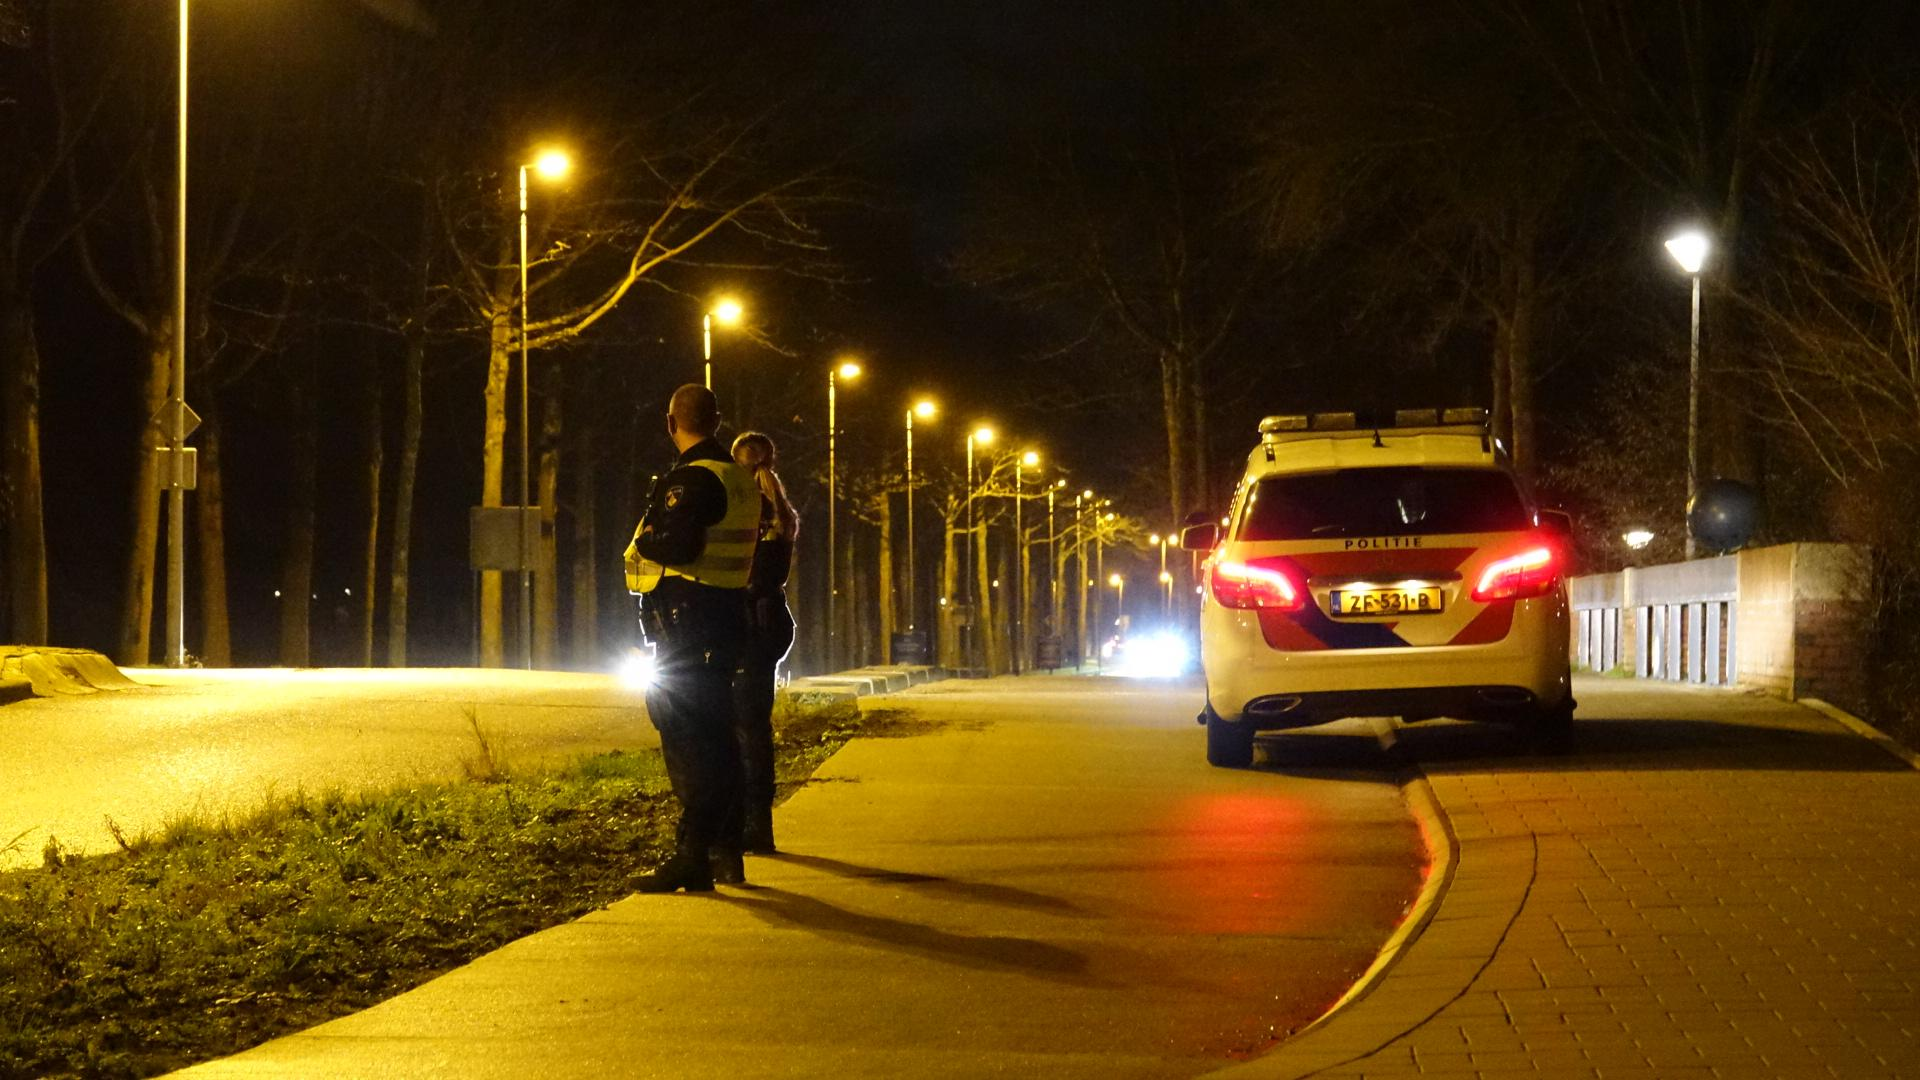 Conflict op straat in Zwaag, verdachte zwaait met mes, politie sluit wijk hermetisch af